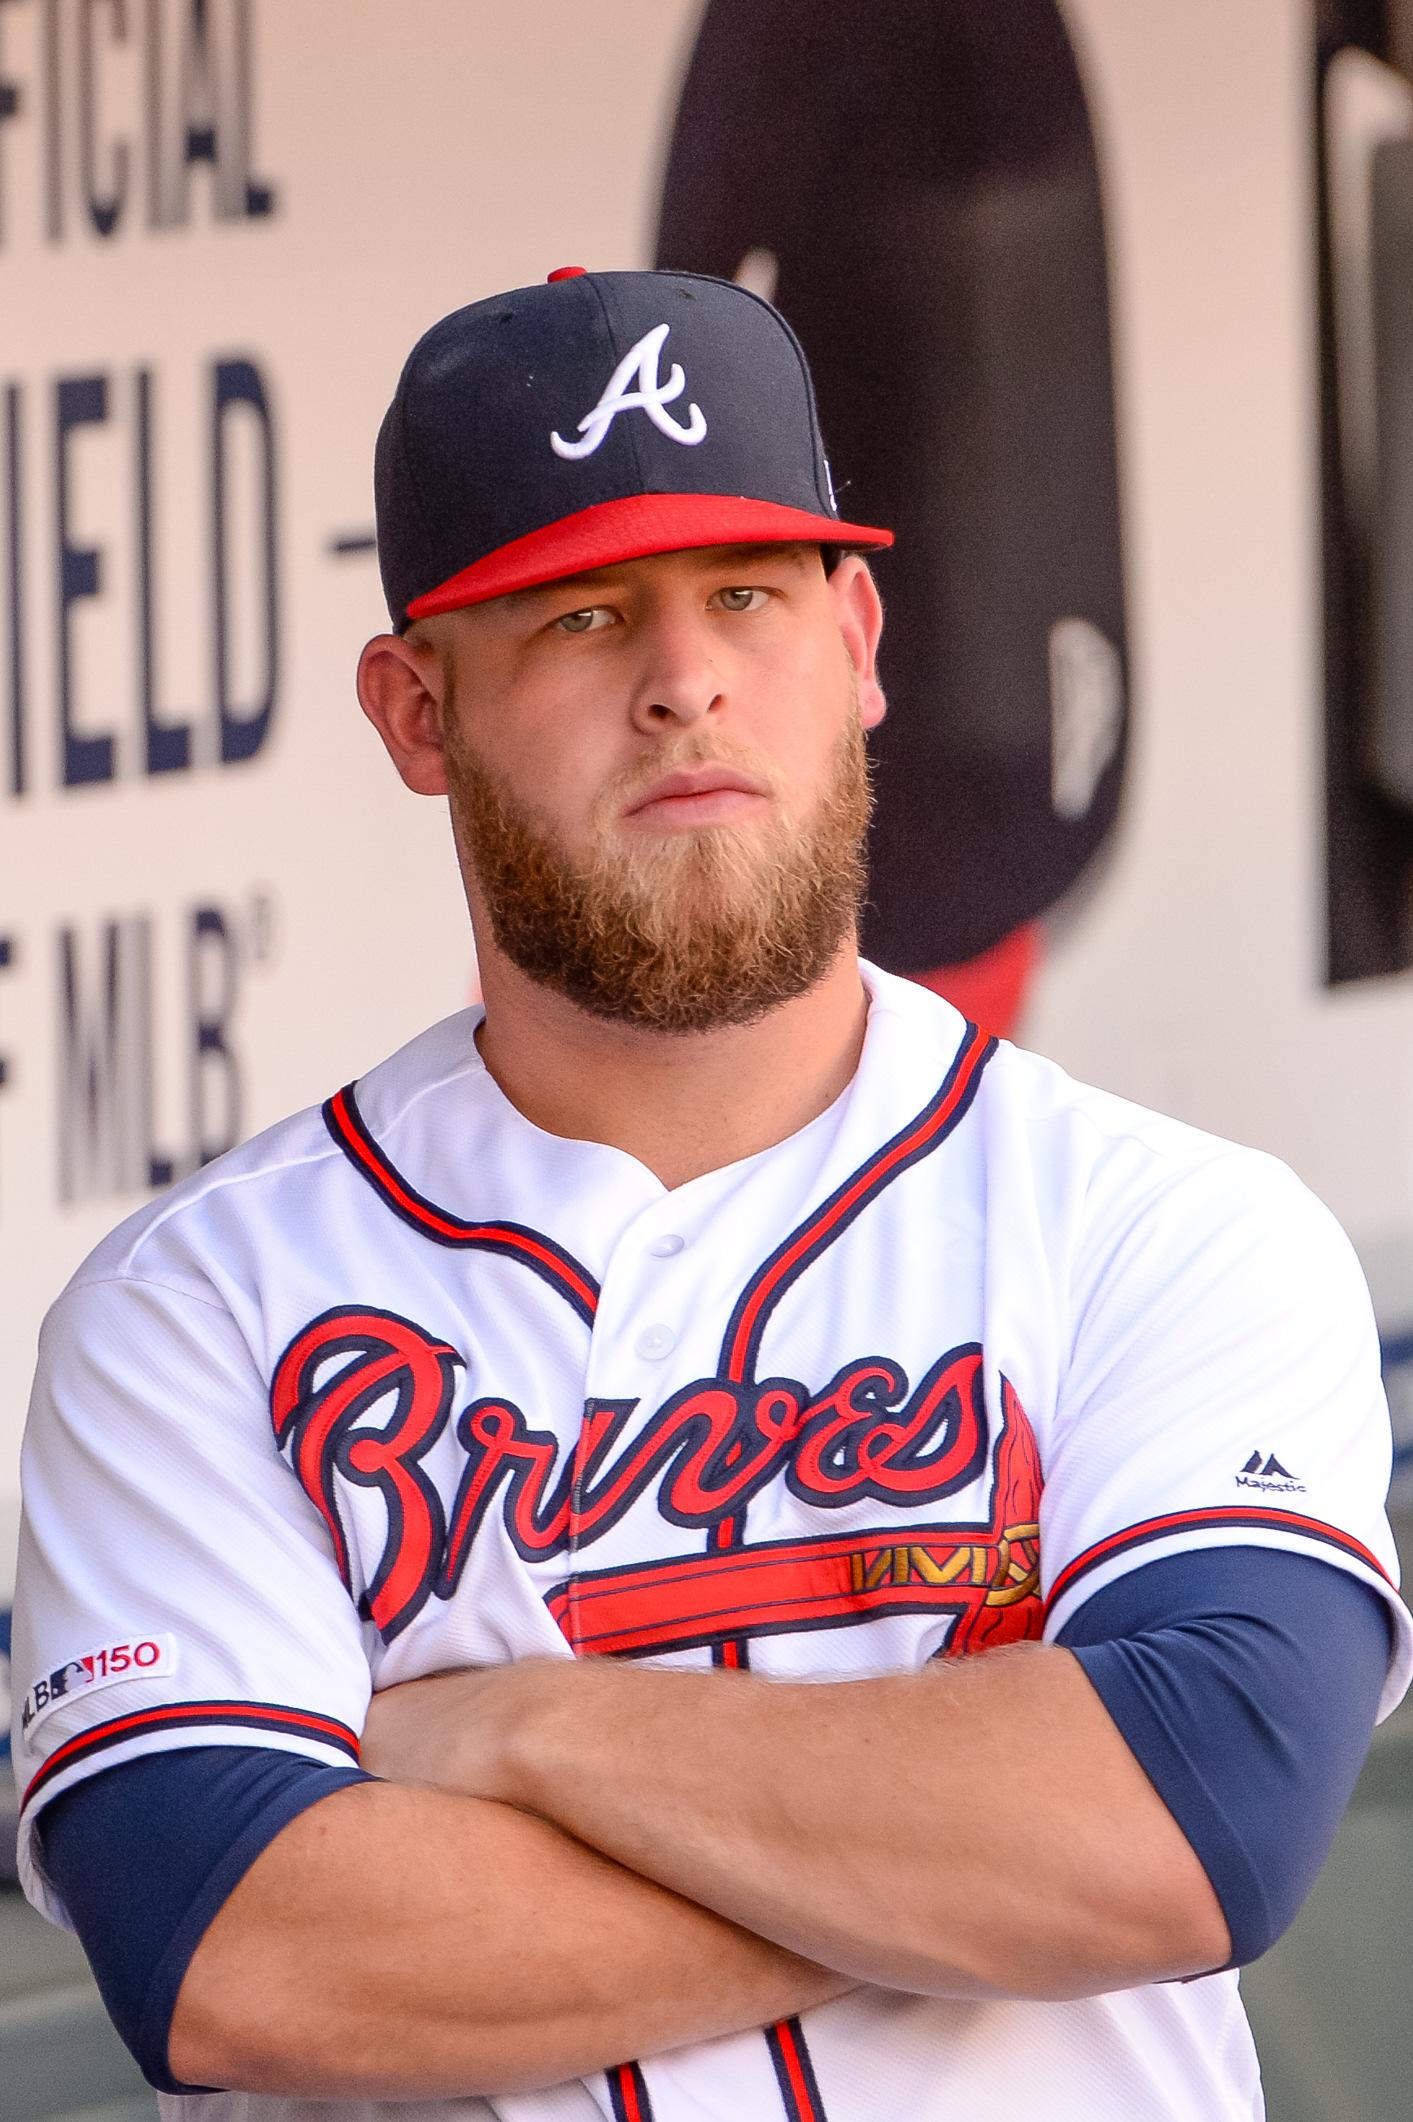 MLB: JUL 23 Royals at Braves